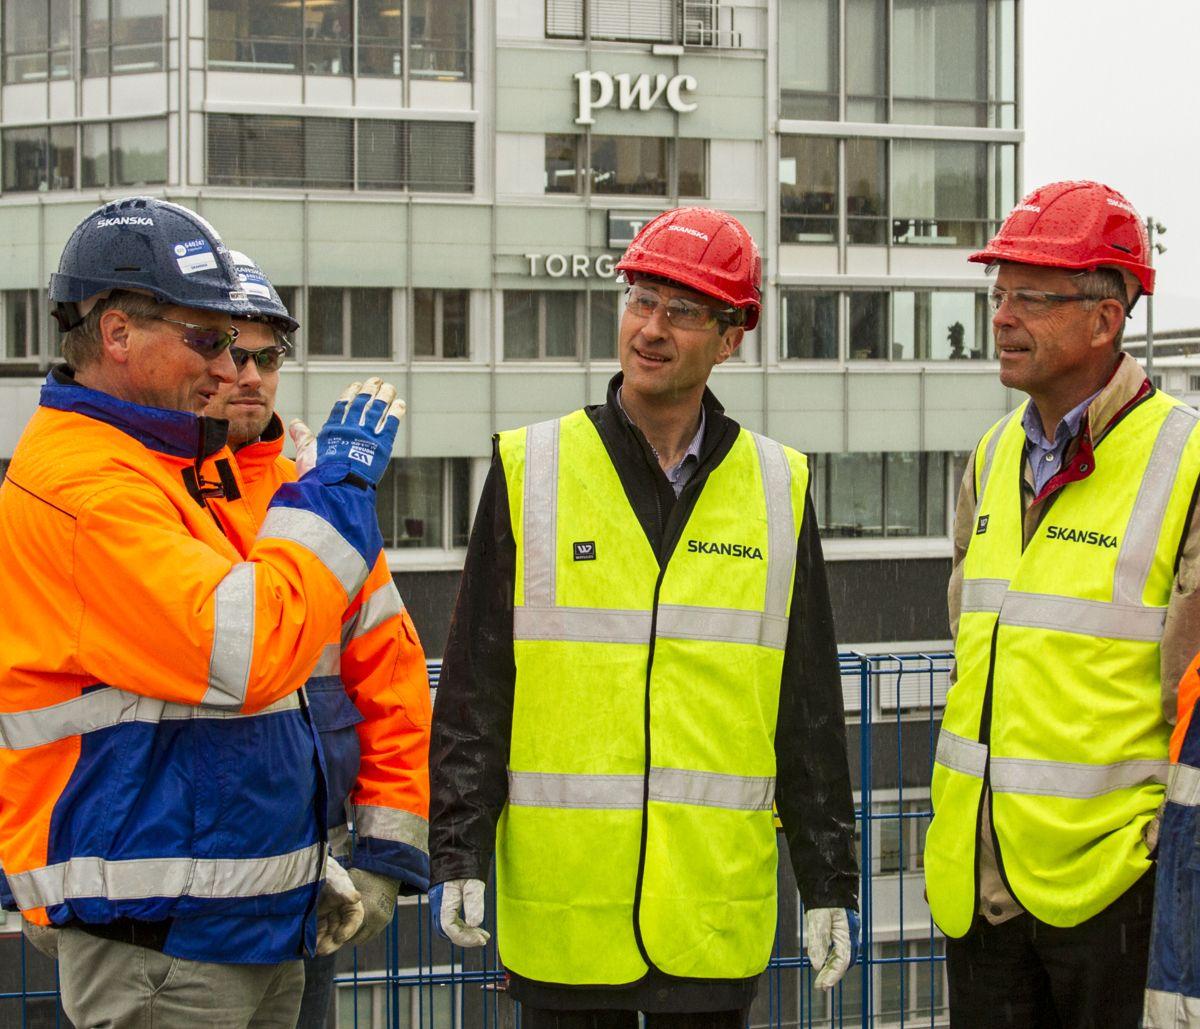 ROM Eiendom-direktør Petter Eiken (fra høyre) og Skanska-direktør Ståle Rød. Foto: Skanska